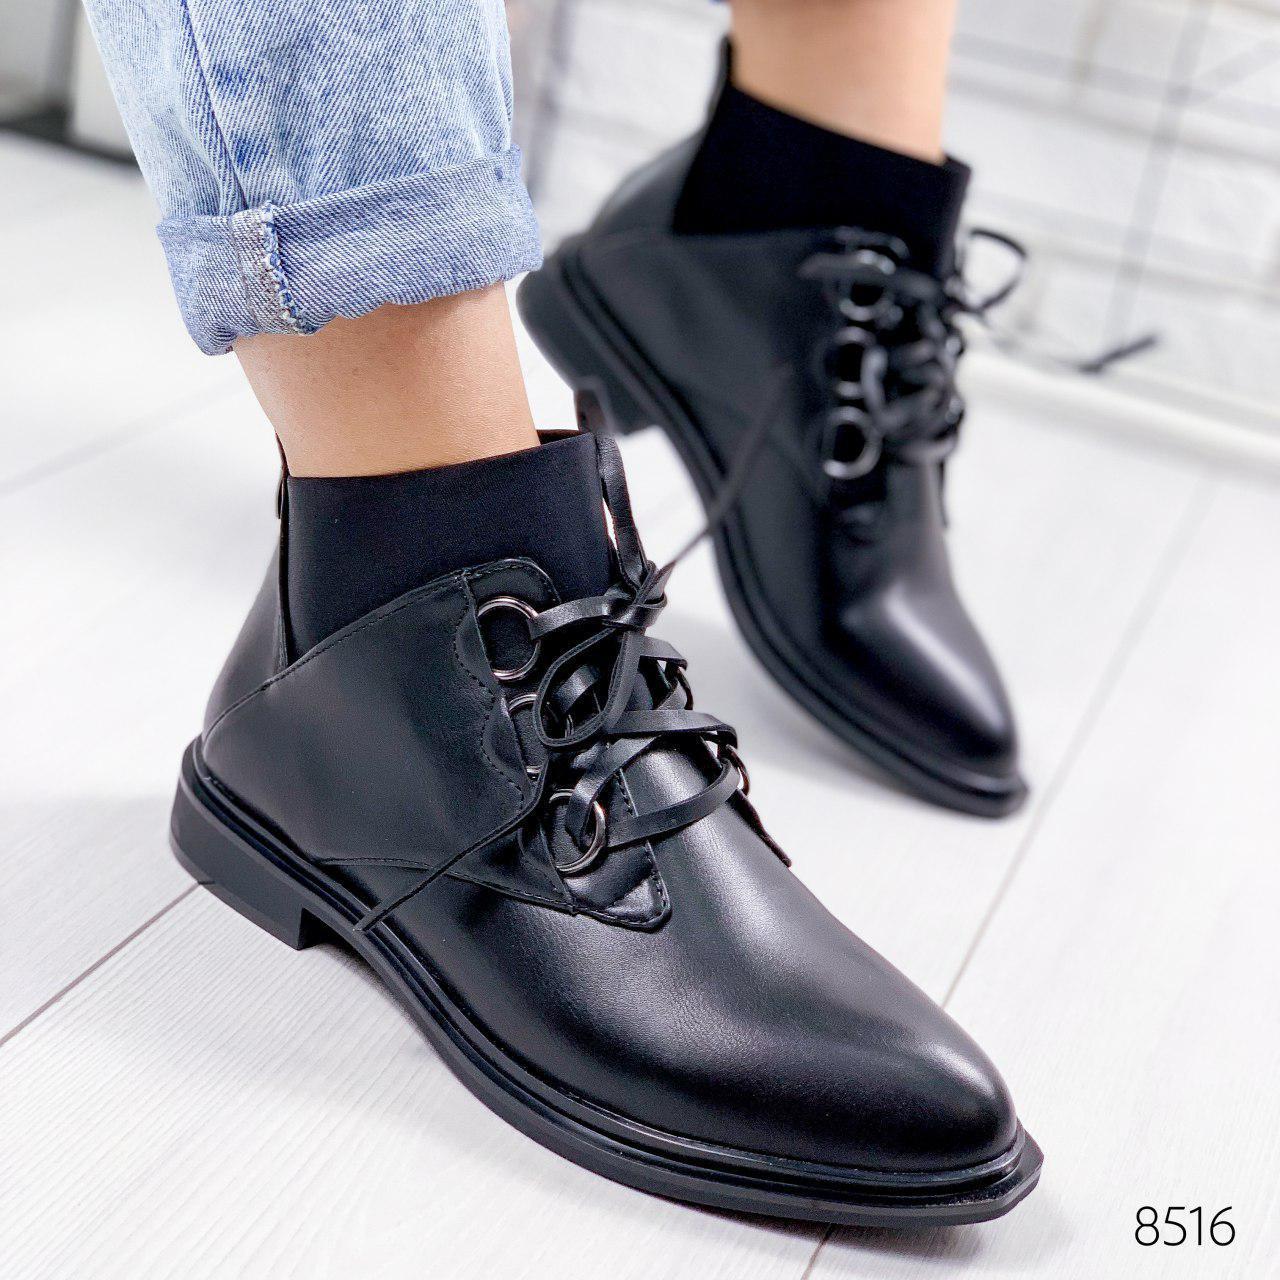 """Ботинки женские демисезонные """"Mysmy"""" черного цвета из эко кожи. Ботильоны женские. Ботильоны деми"""